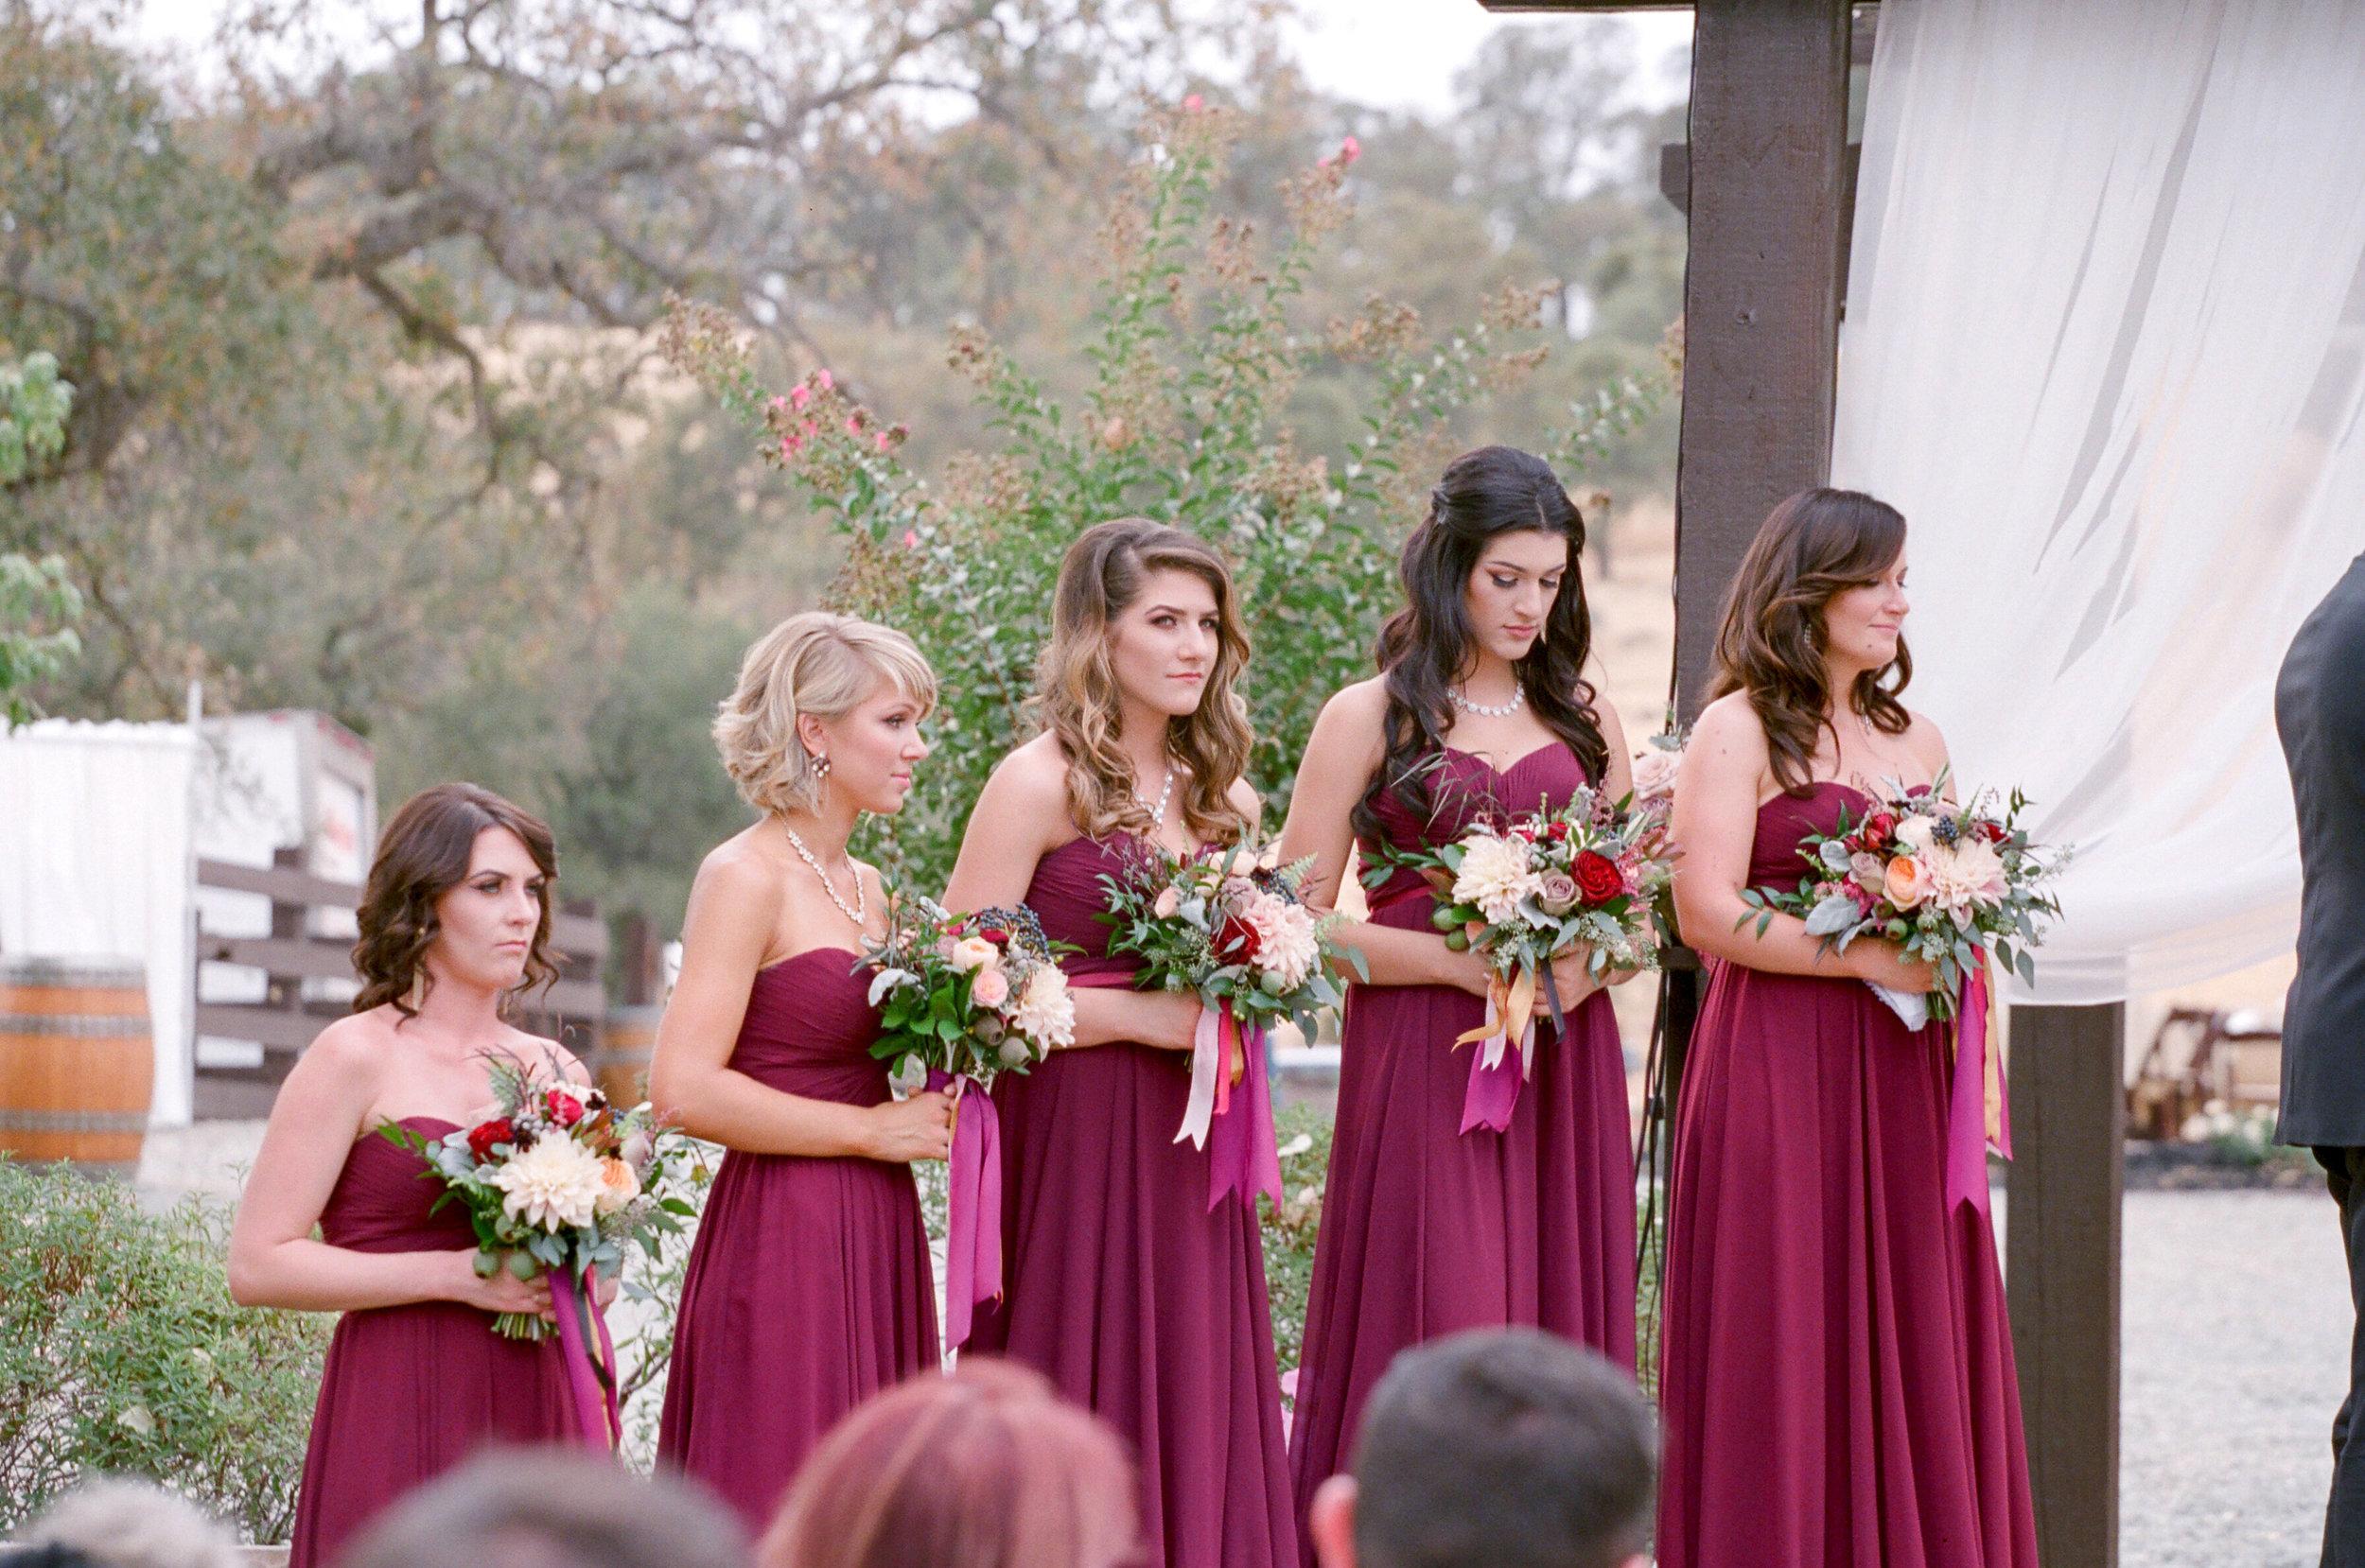 Amador_County_Wedding_Ceremony_Bridesmaids_Bouquets_Rancho_Victoria_Vineyard_Northern_California.jpg